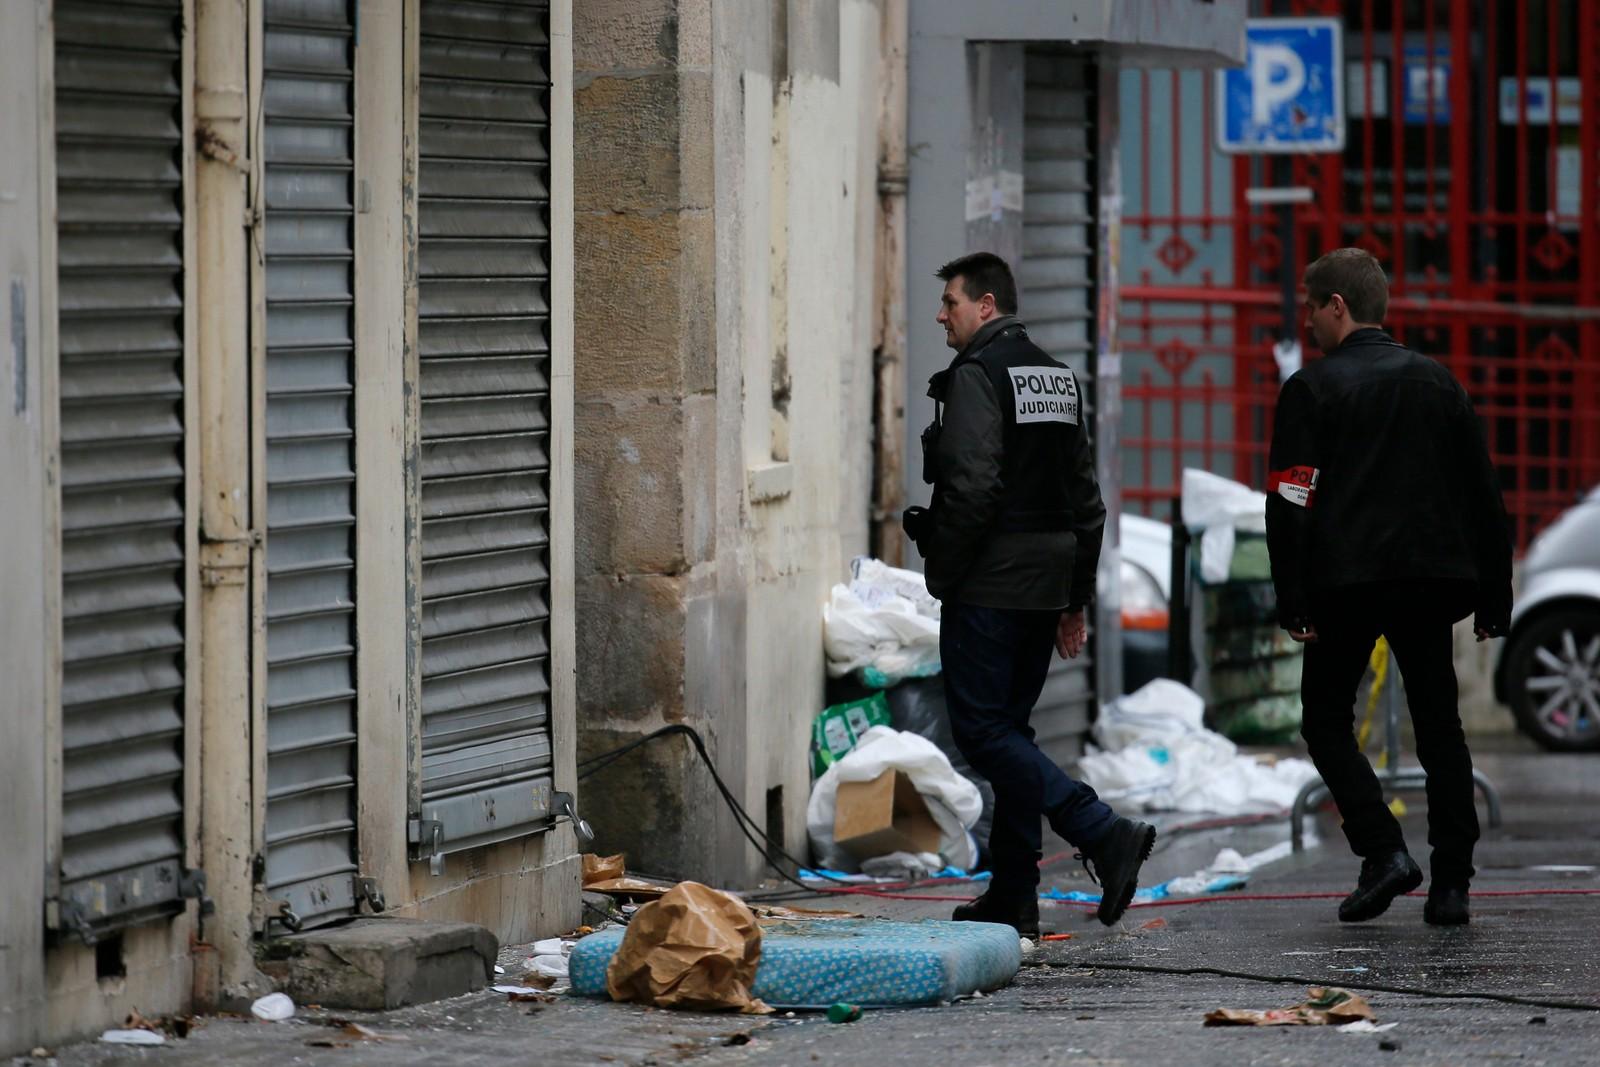 Sju personer som ble pågrepet i politiaksjonen i Paris-forstaden Saint-Denis onsdag, er løslatt